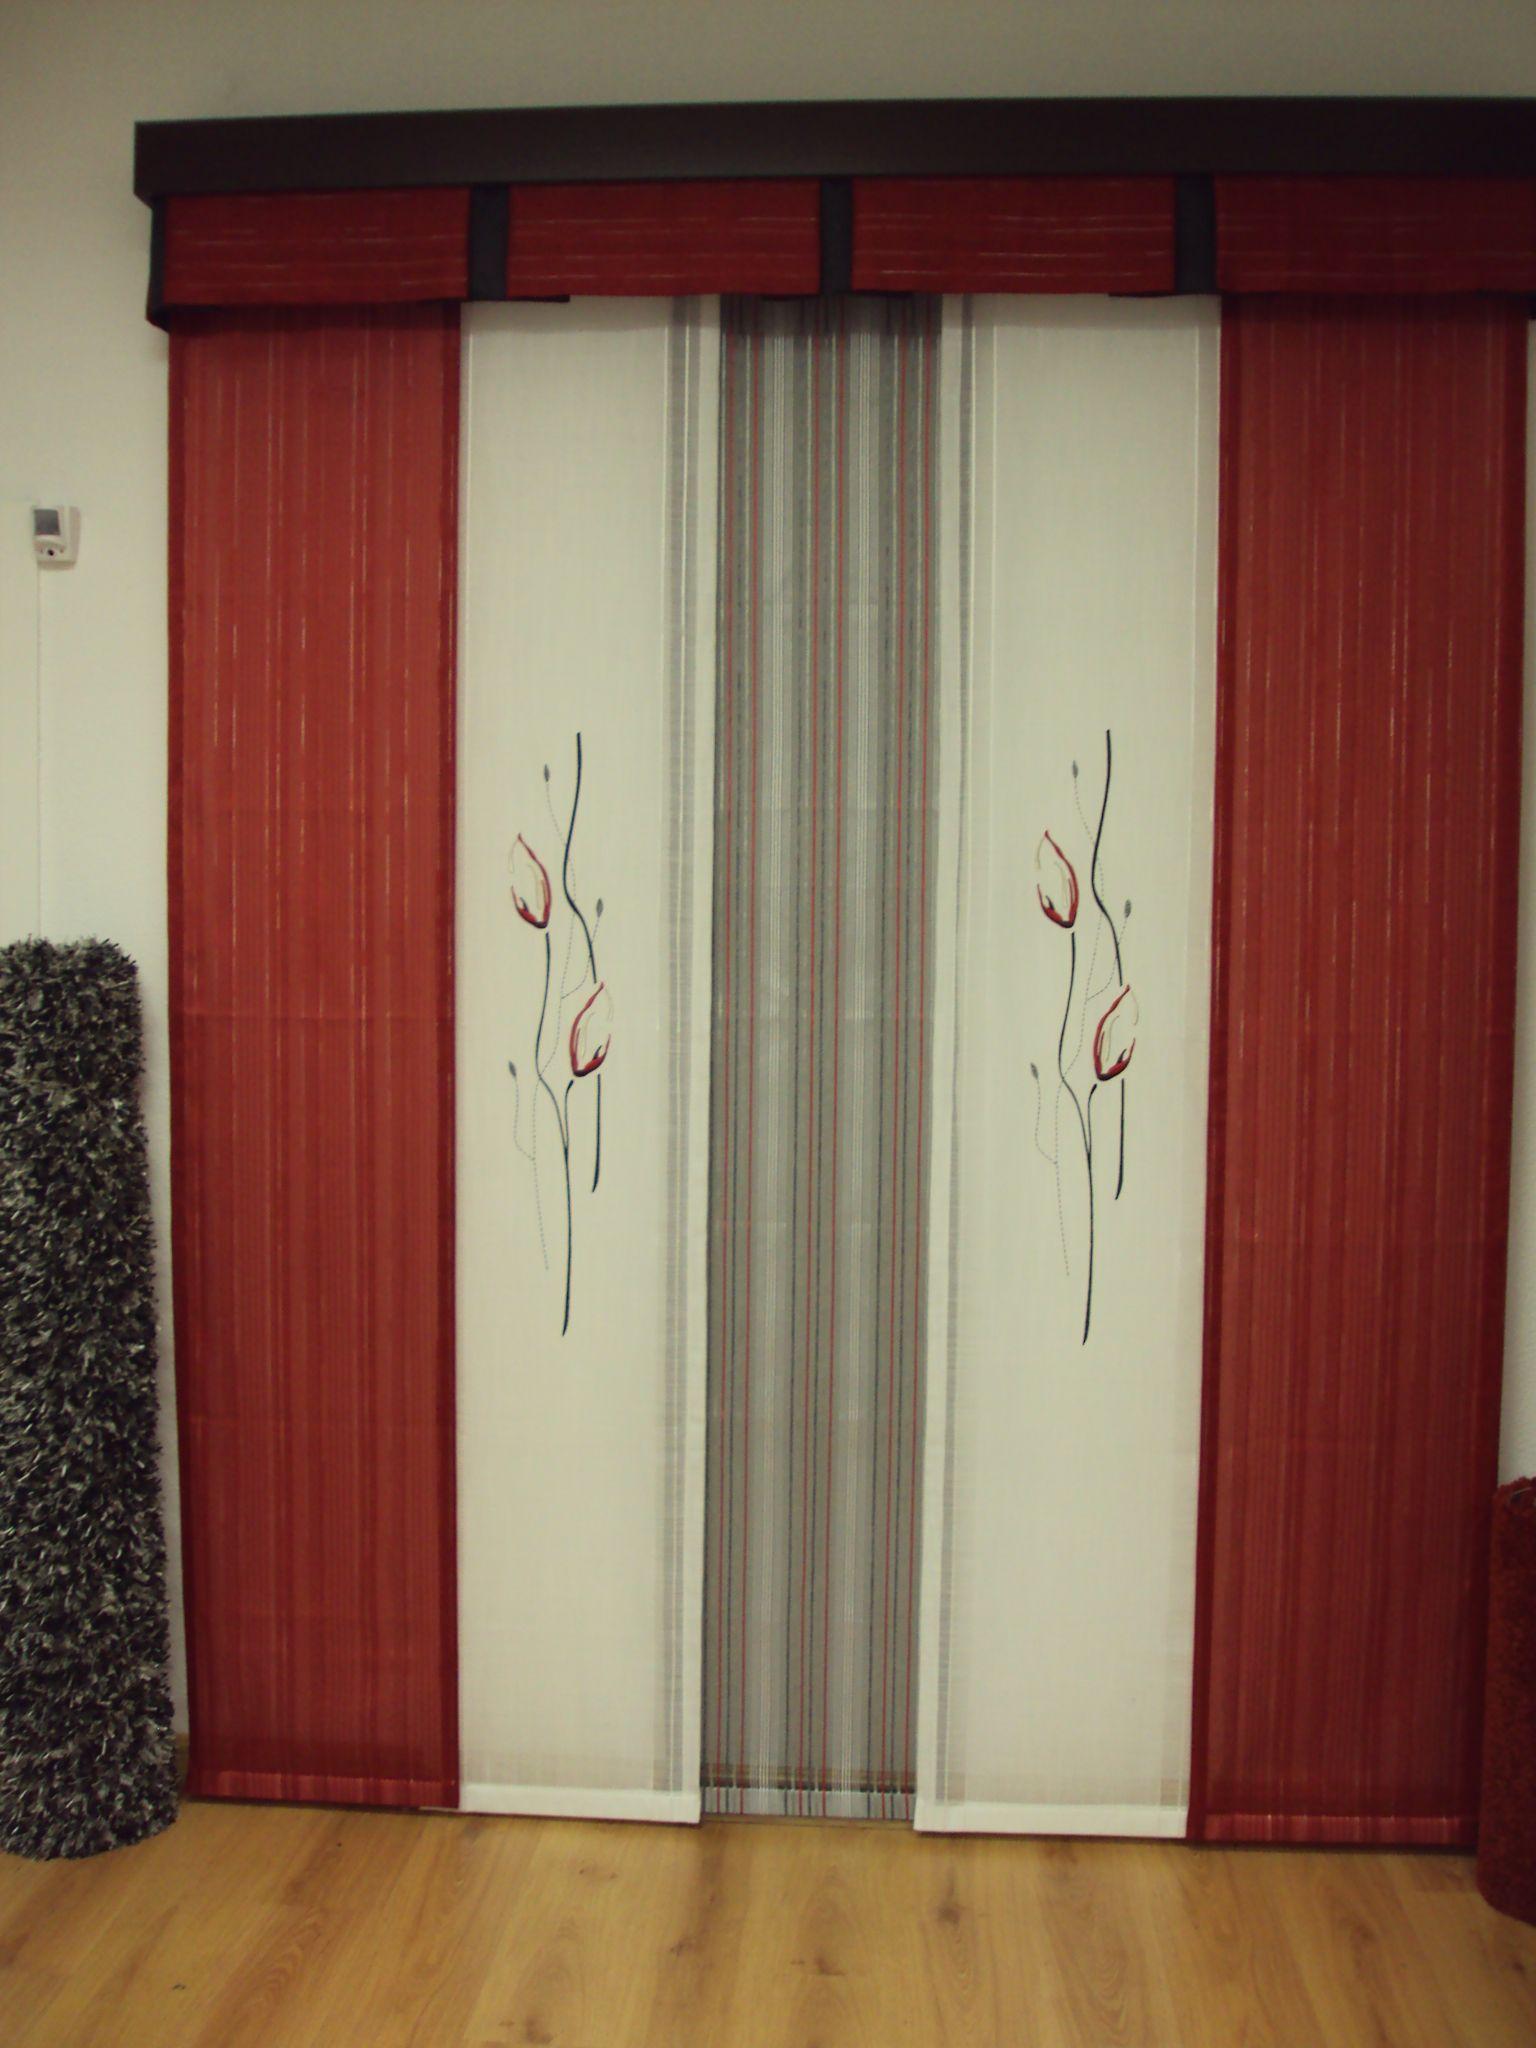 Panel japones con volante y galeria madera alfombra de pelo en colores grises y negro - Fotos panel japones ...